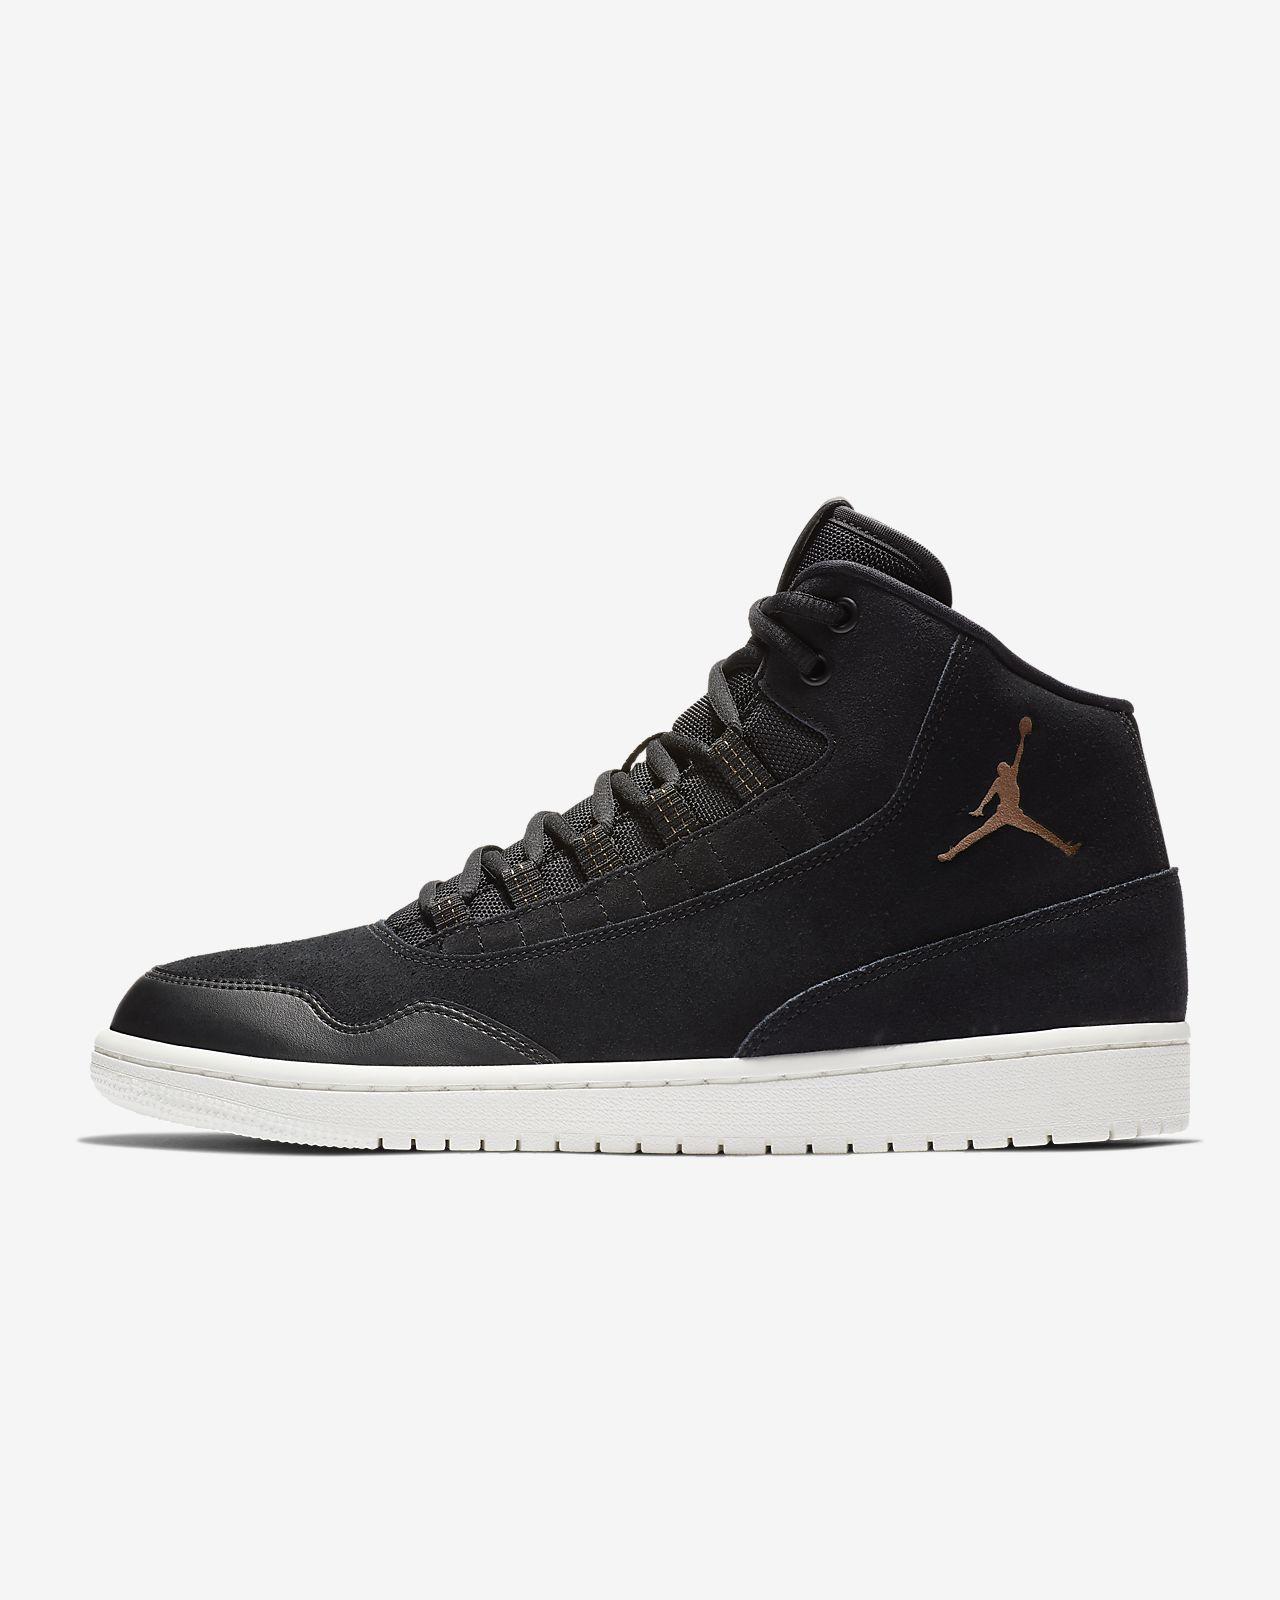 quality design a90a0 2359e Jordan Executive Zapatillas - Hombre